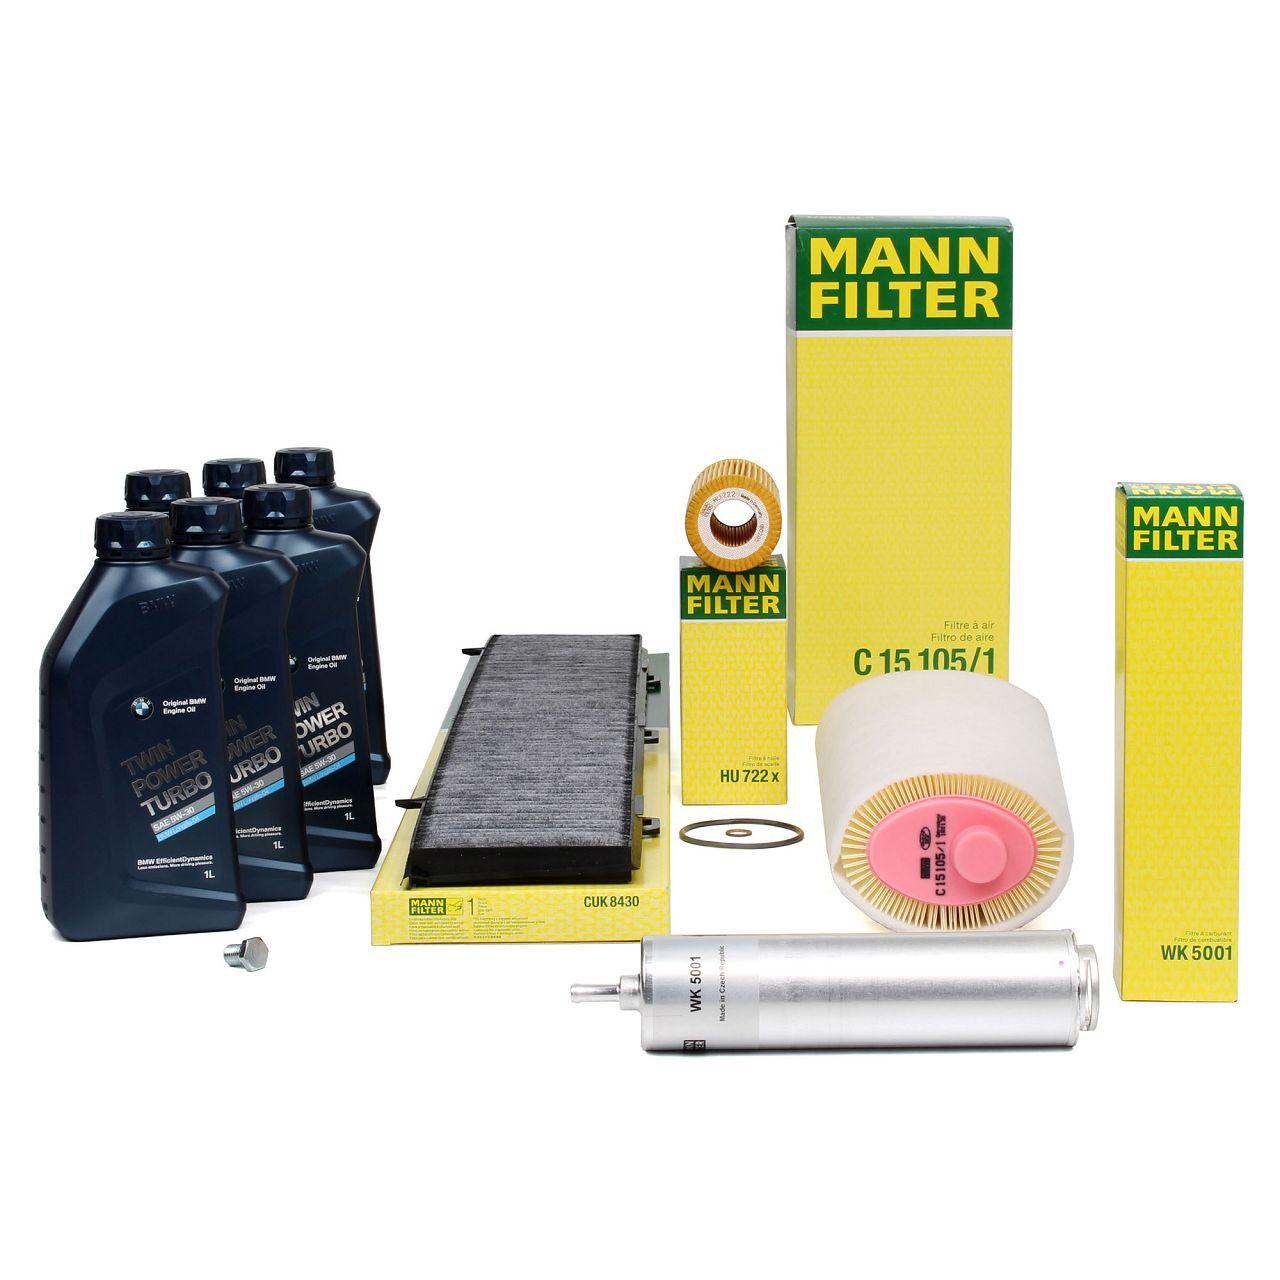 MANN Inspektionskit + 6 L ORIGINAL für BMW 5W30 Motoröl 3er E90 E91 318d 320d